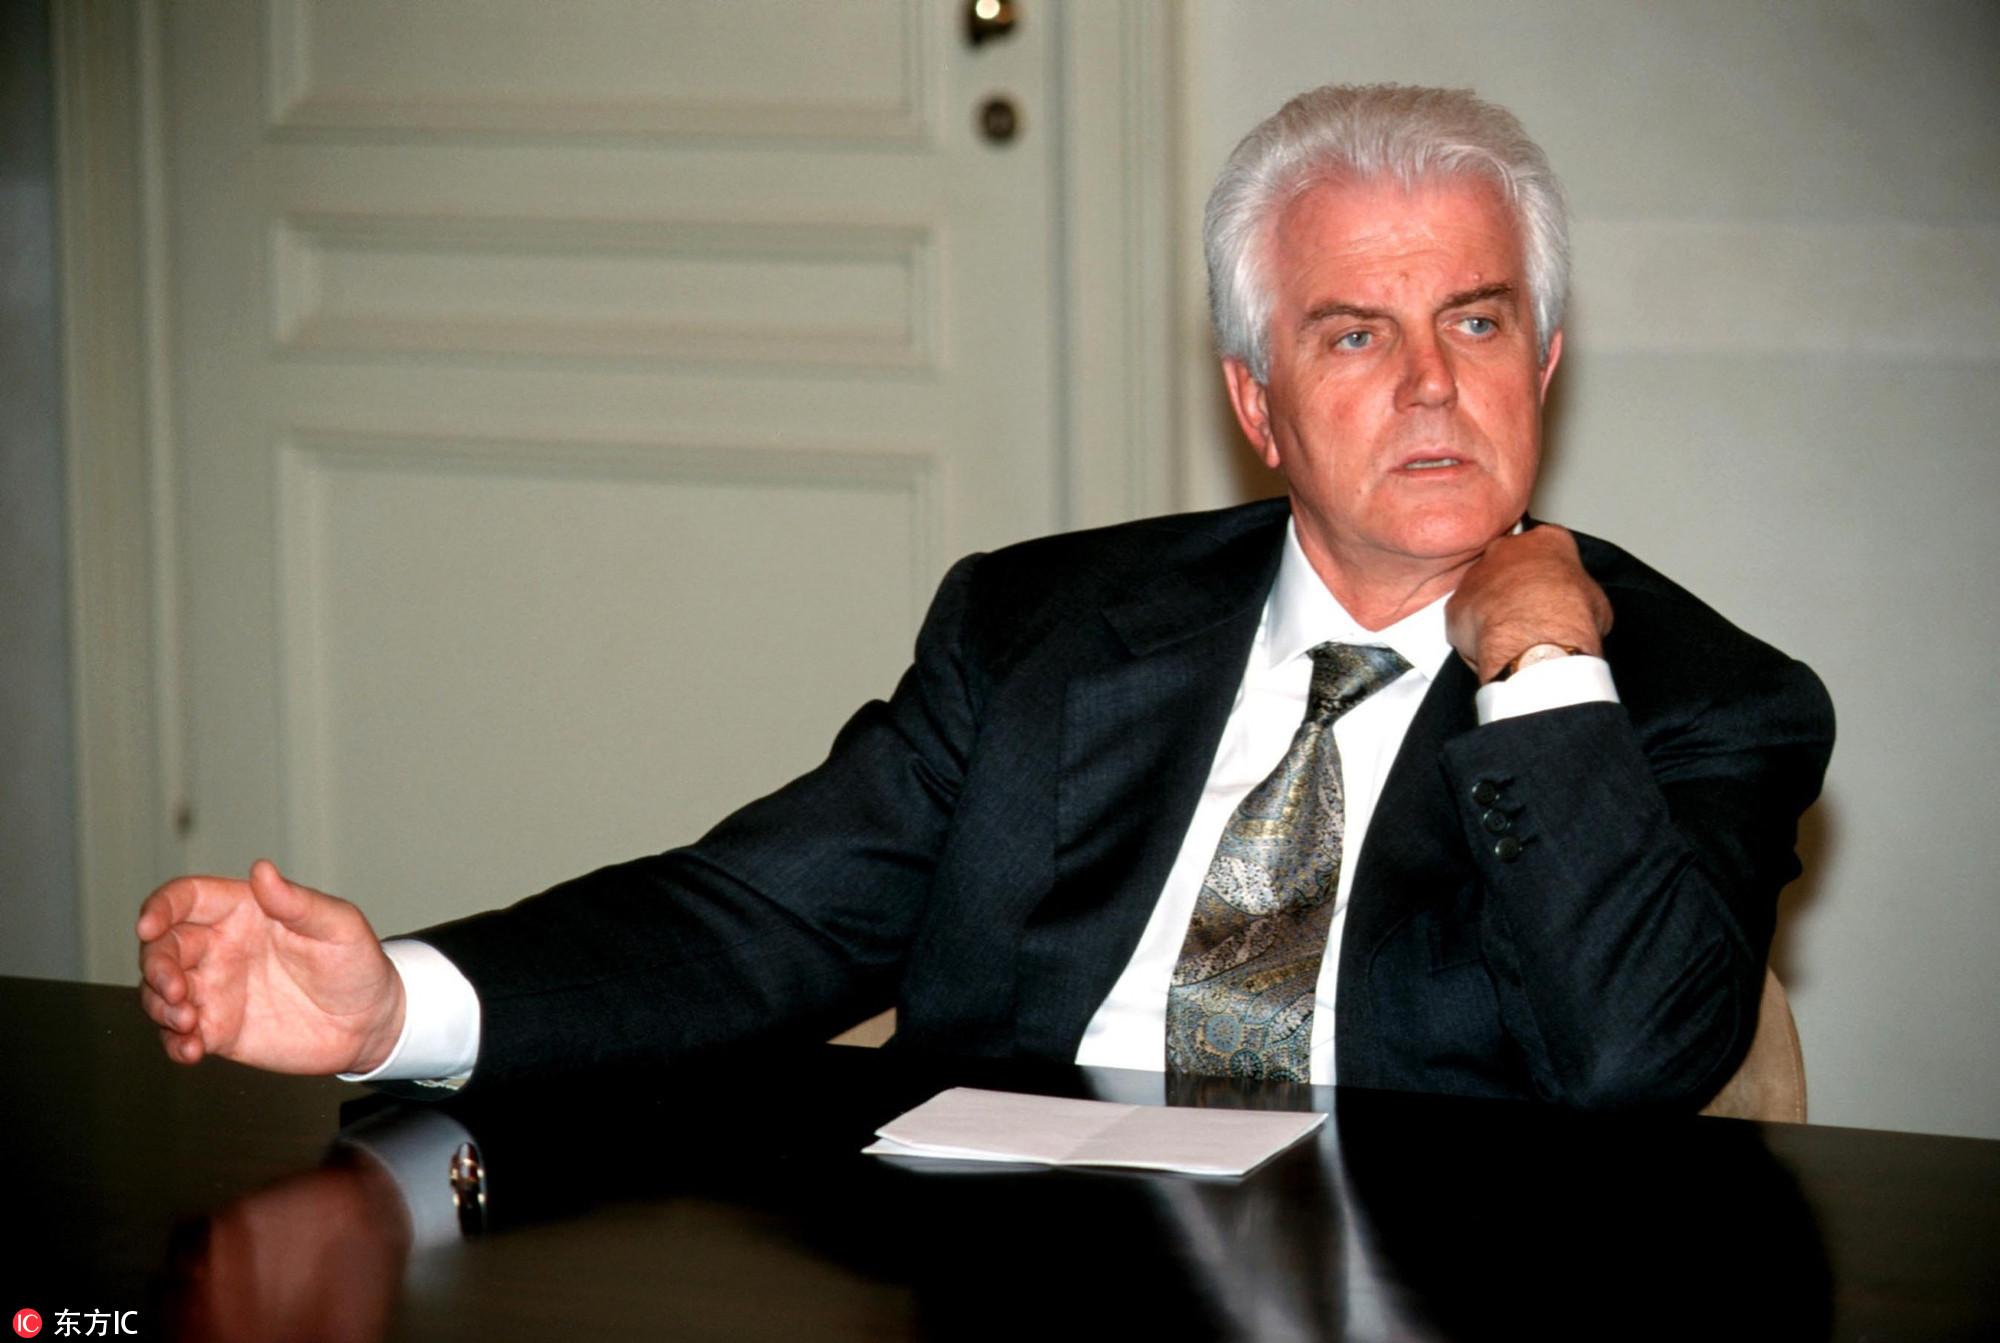 意大利时尚集团 Benetton 多元化战略背后功臣、联合创始人 Gilberto Benetton 去世